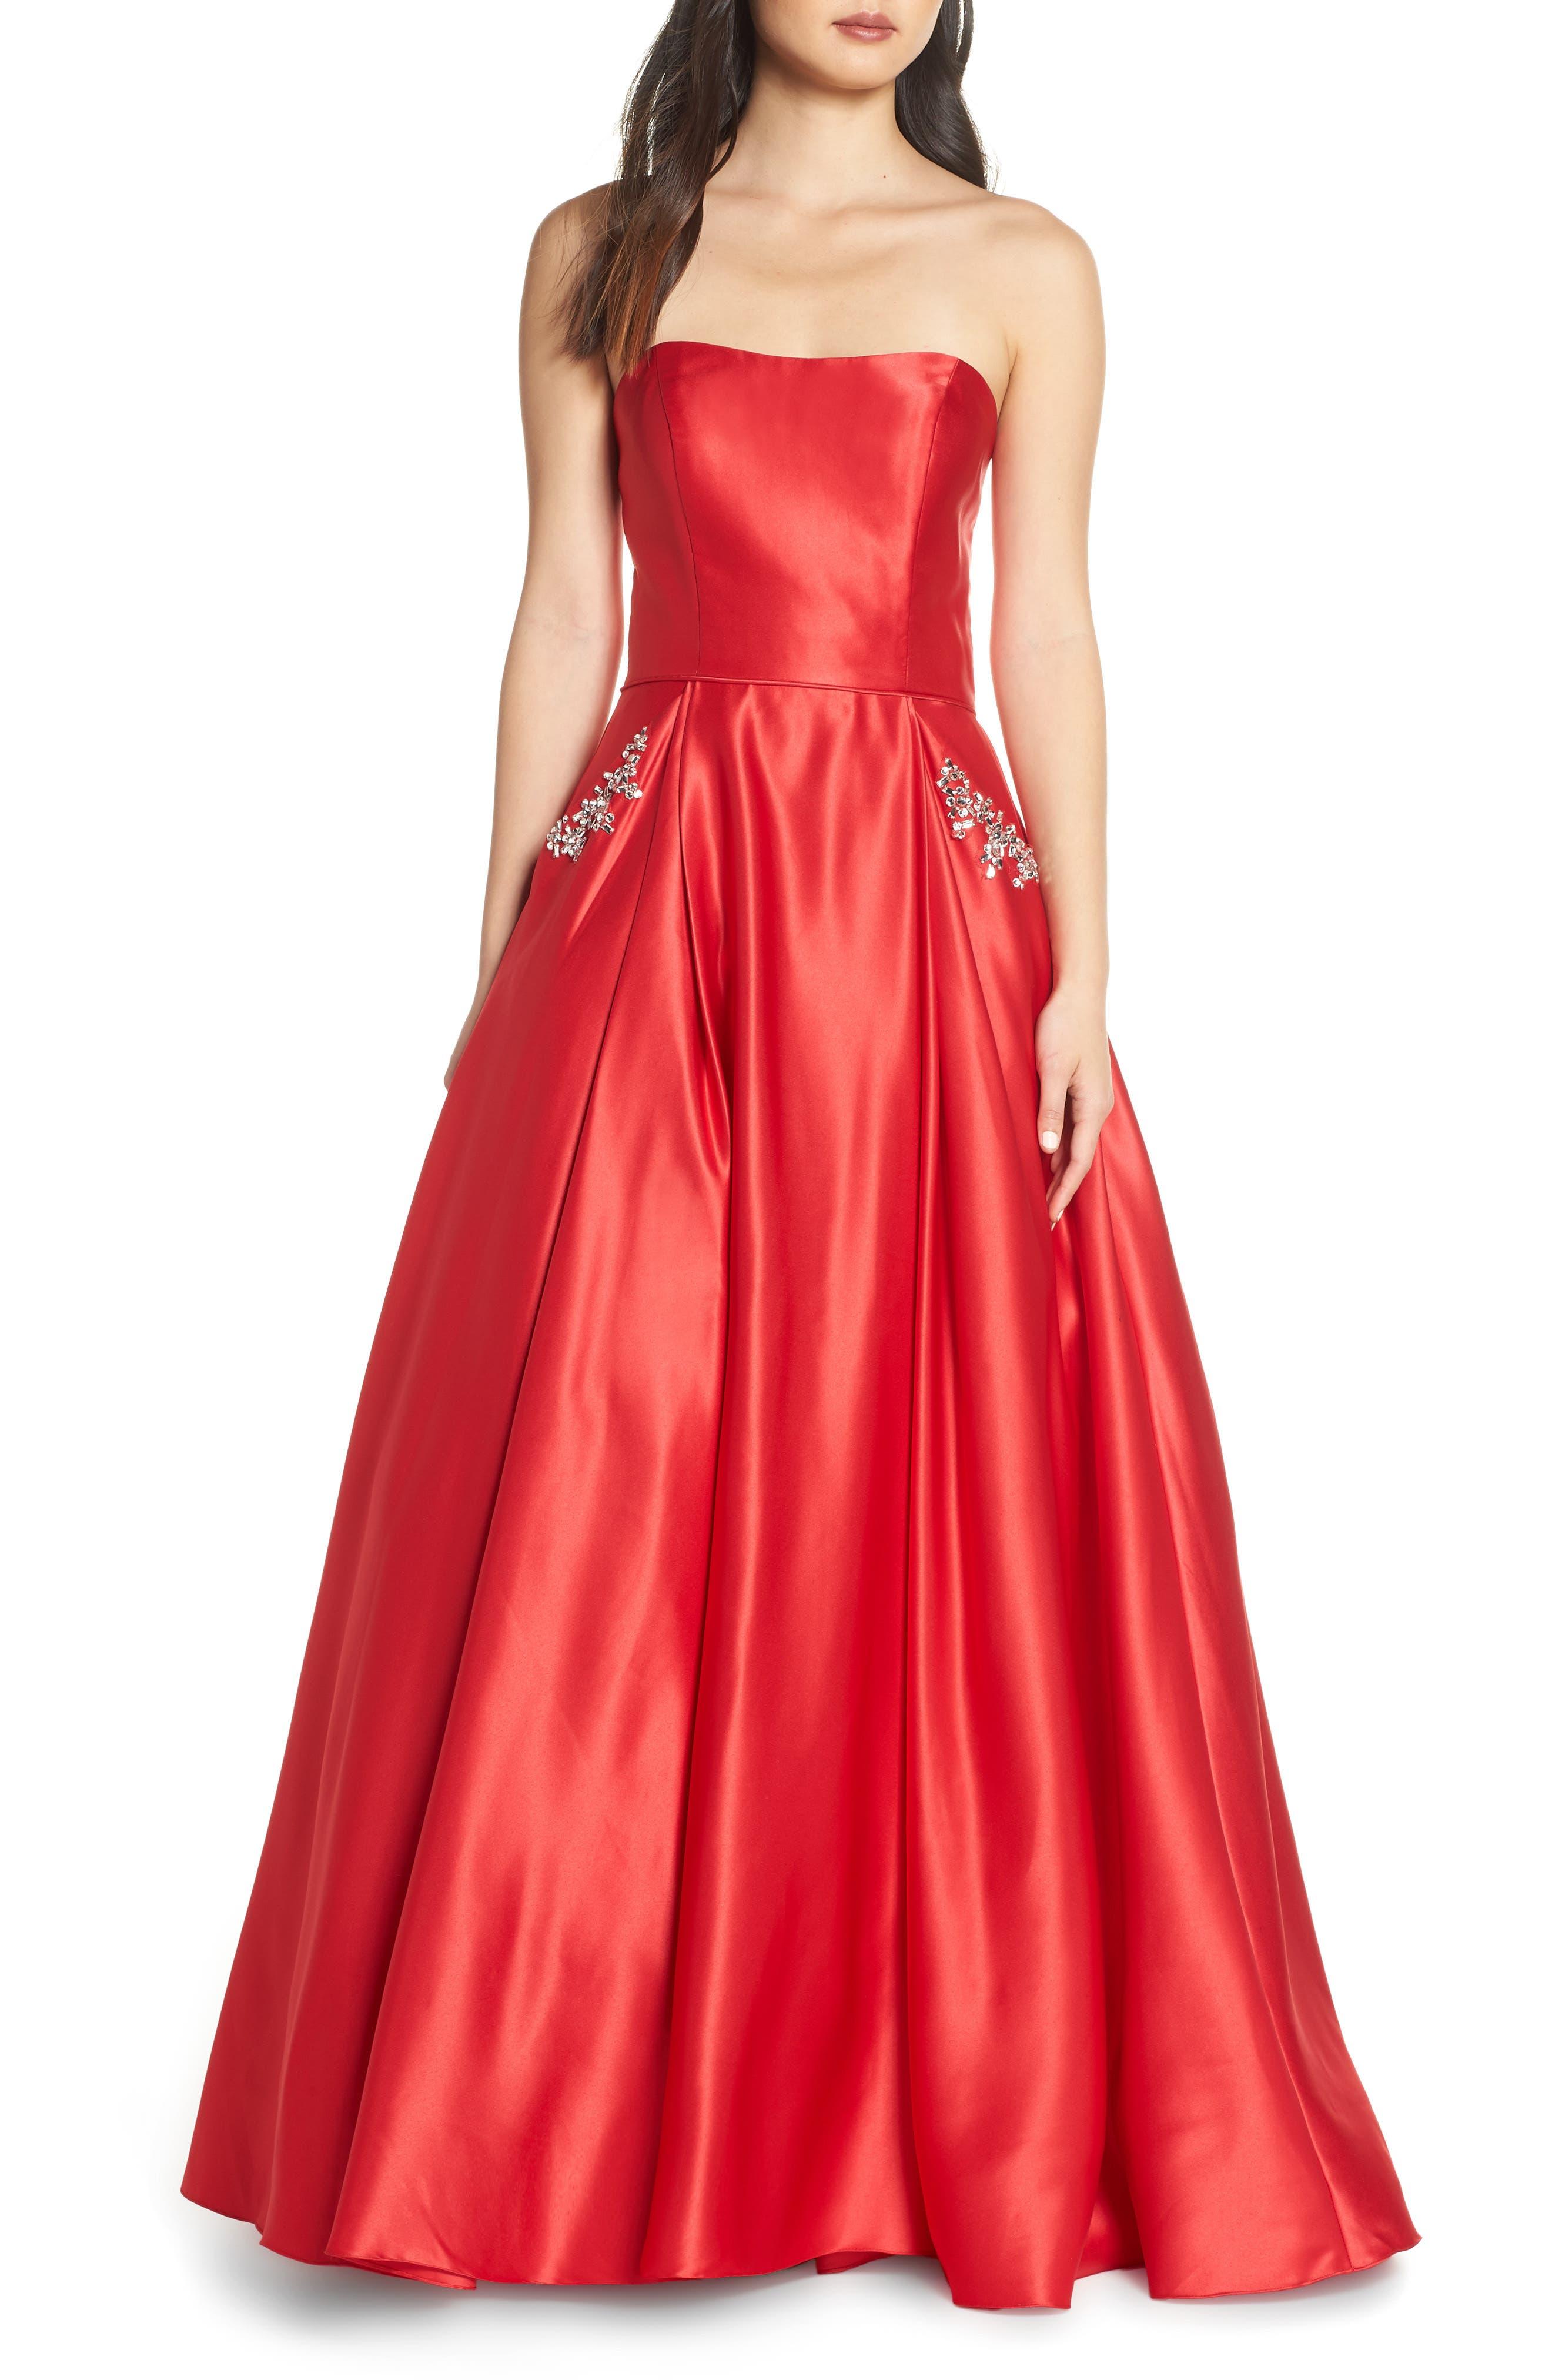 Blondie Nites Strapless Embellished Pocket Satin Evening Dress, Red